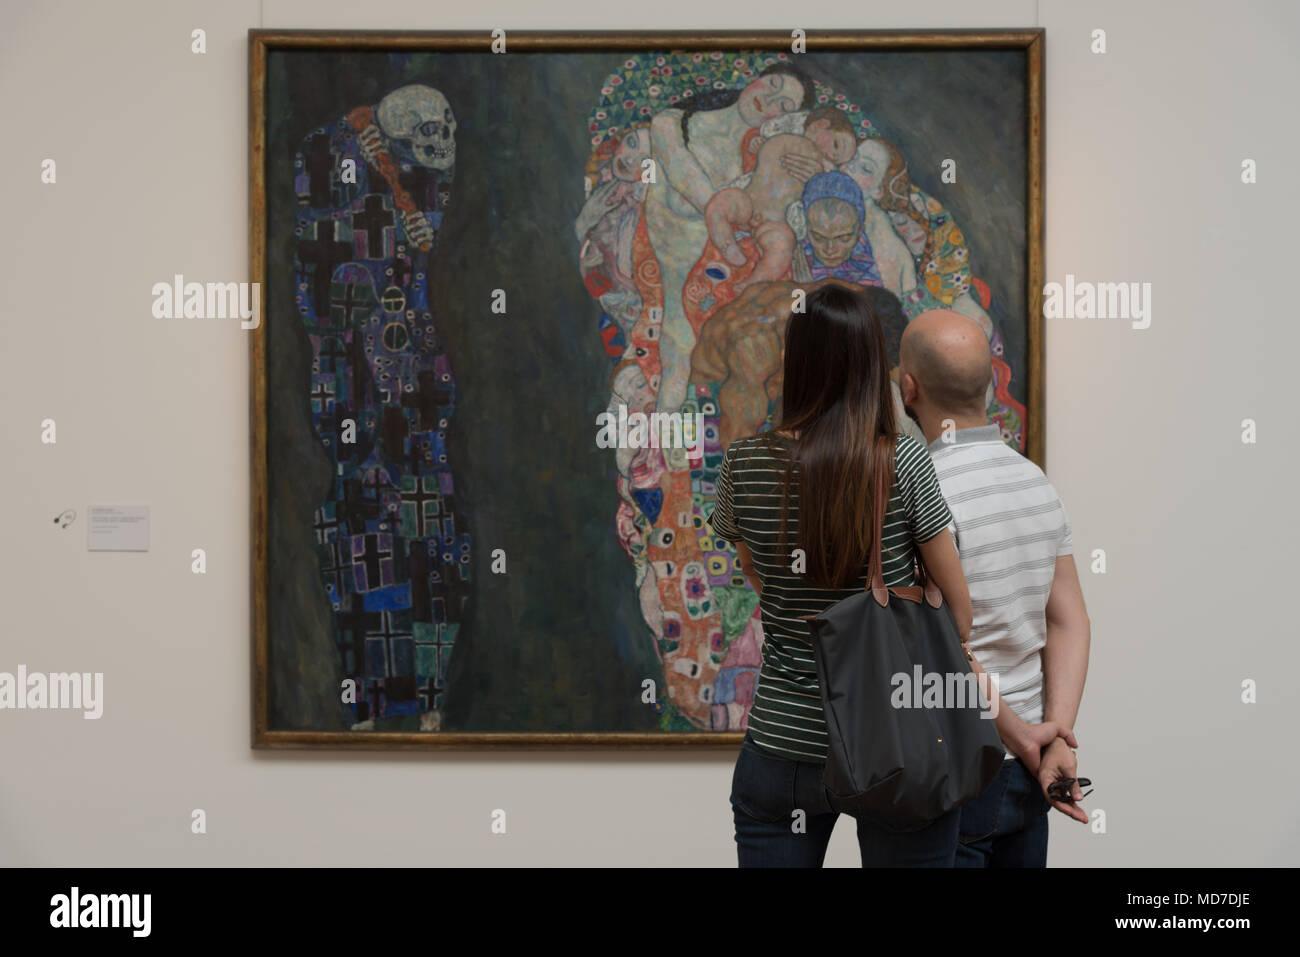 Zwei Leute anstarren, Gustav Klimt's Tod und Leben im Leopold Museum in Wien, Österreich Stockbild